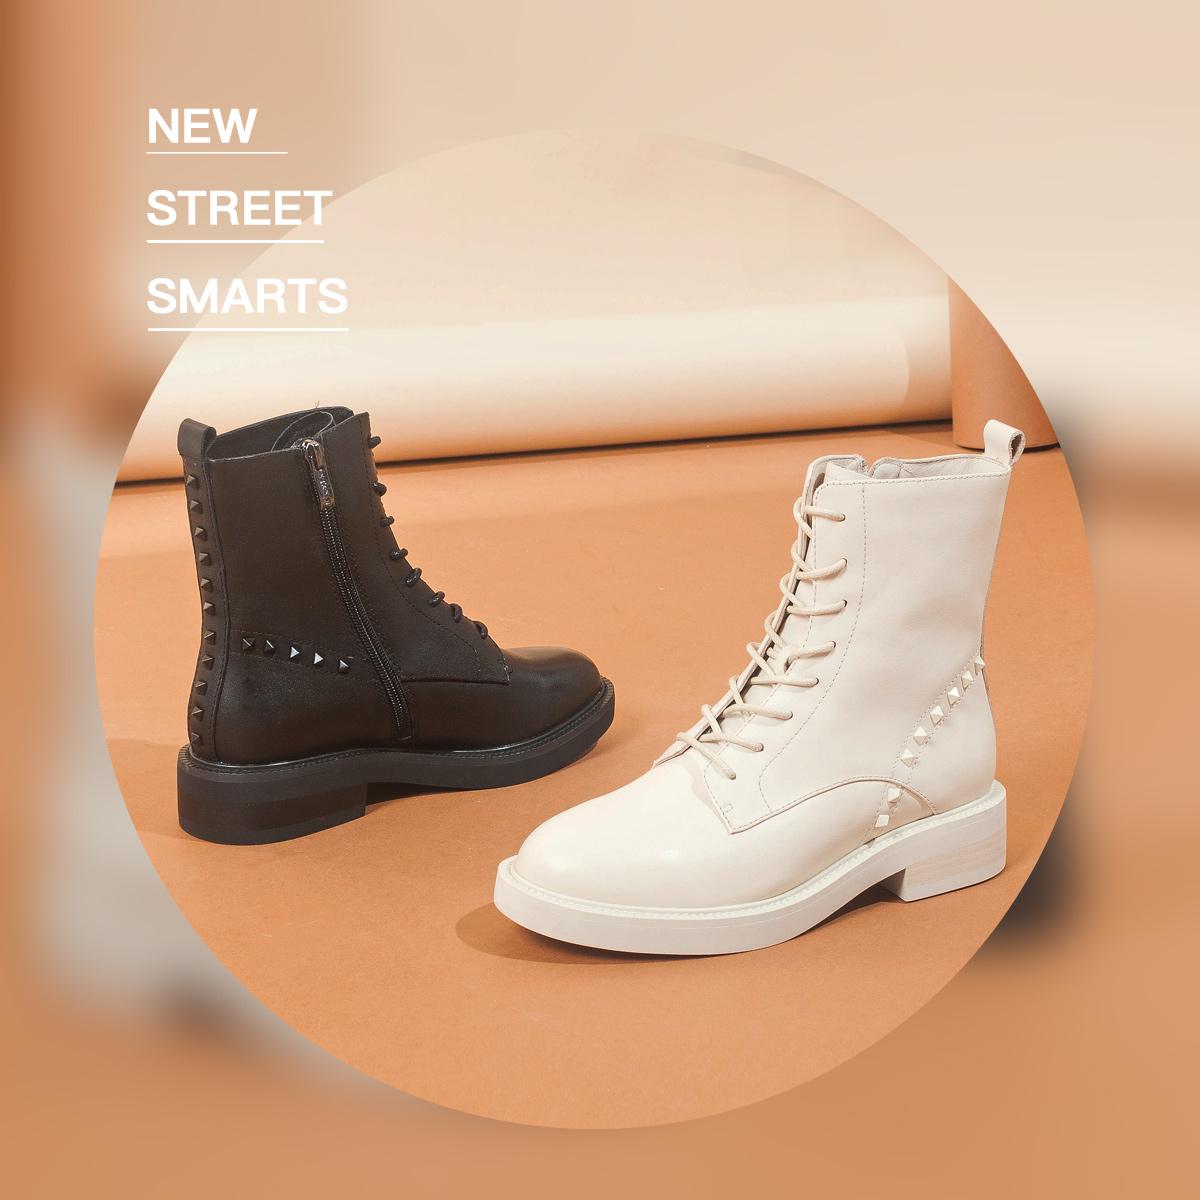 SS04116560 冬季新款女靴子纯色短筒圆头方跟潮流马丁靴 2020 星期六